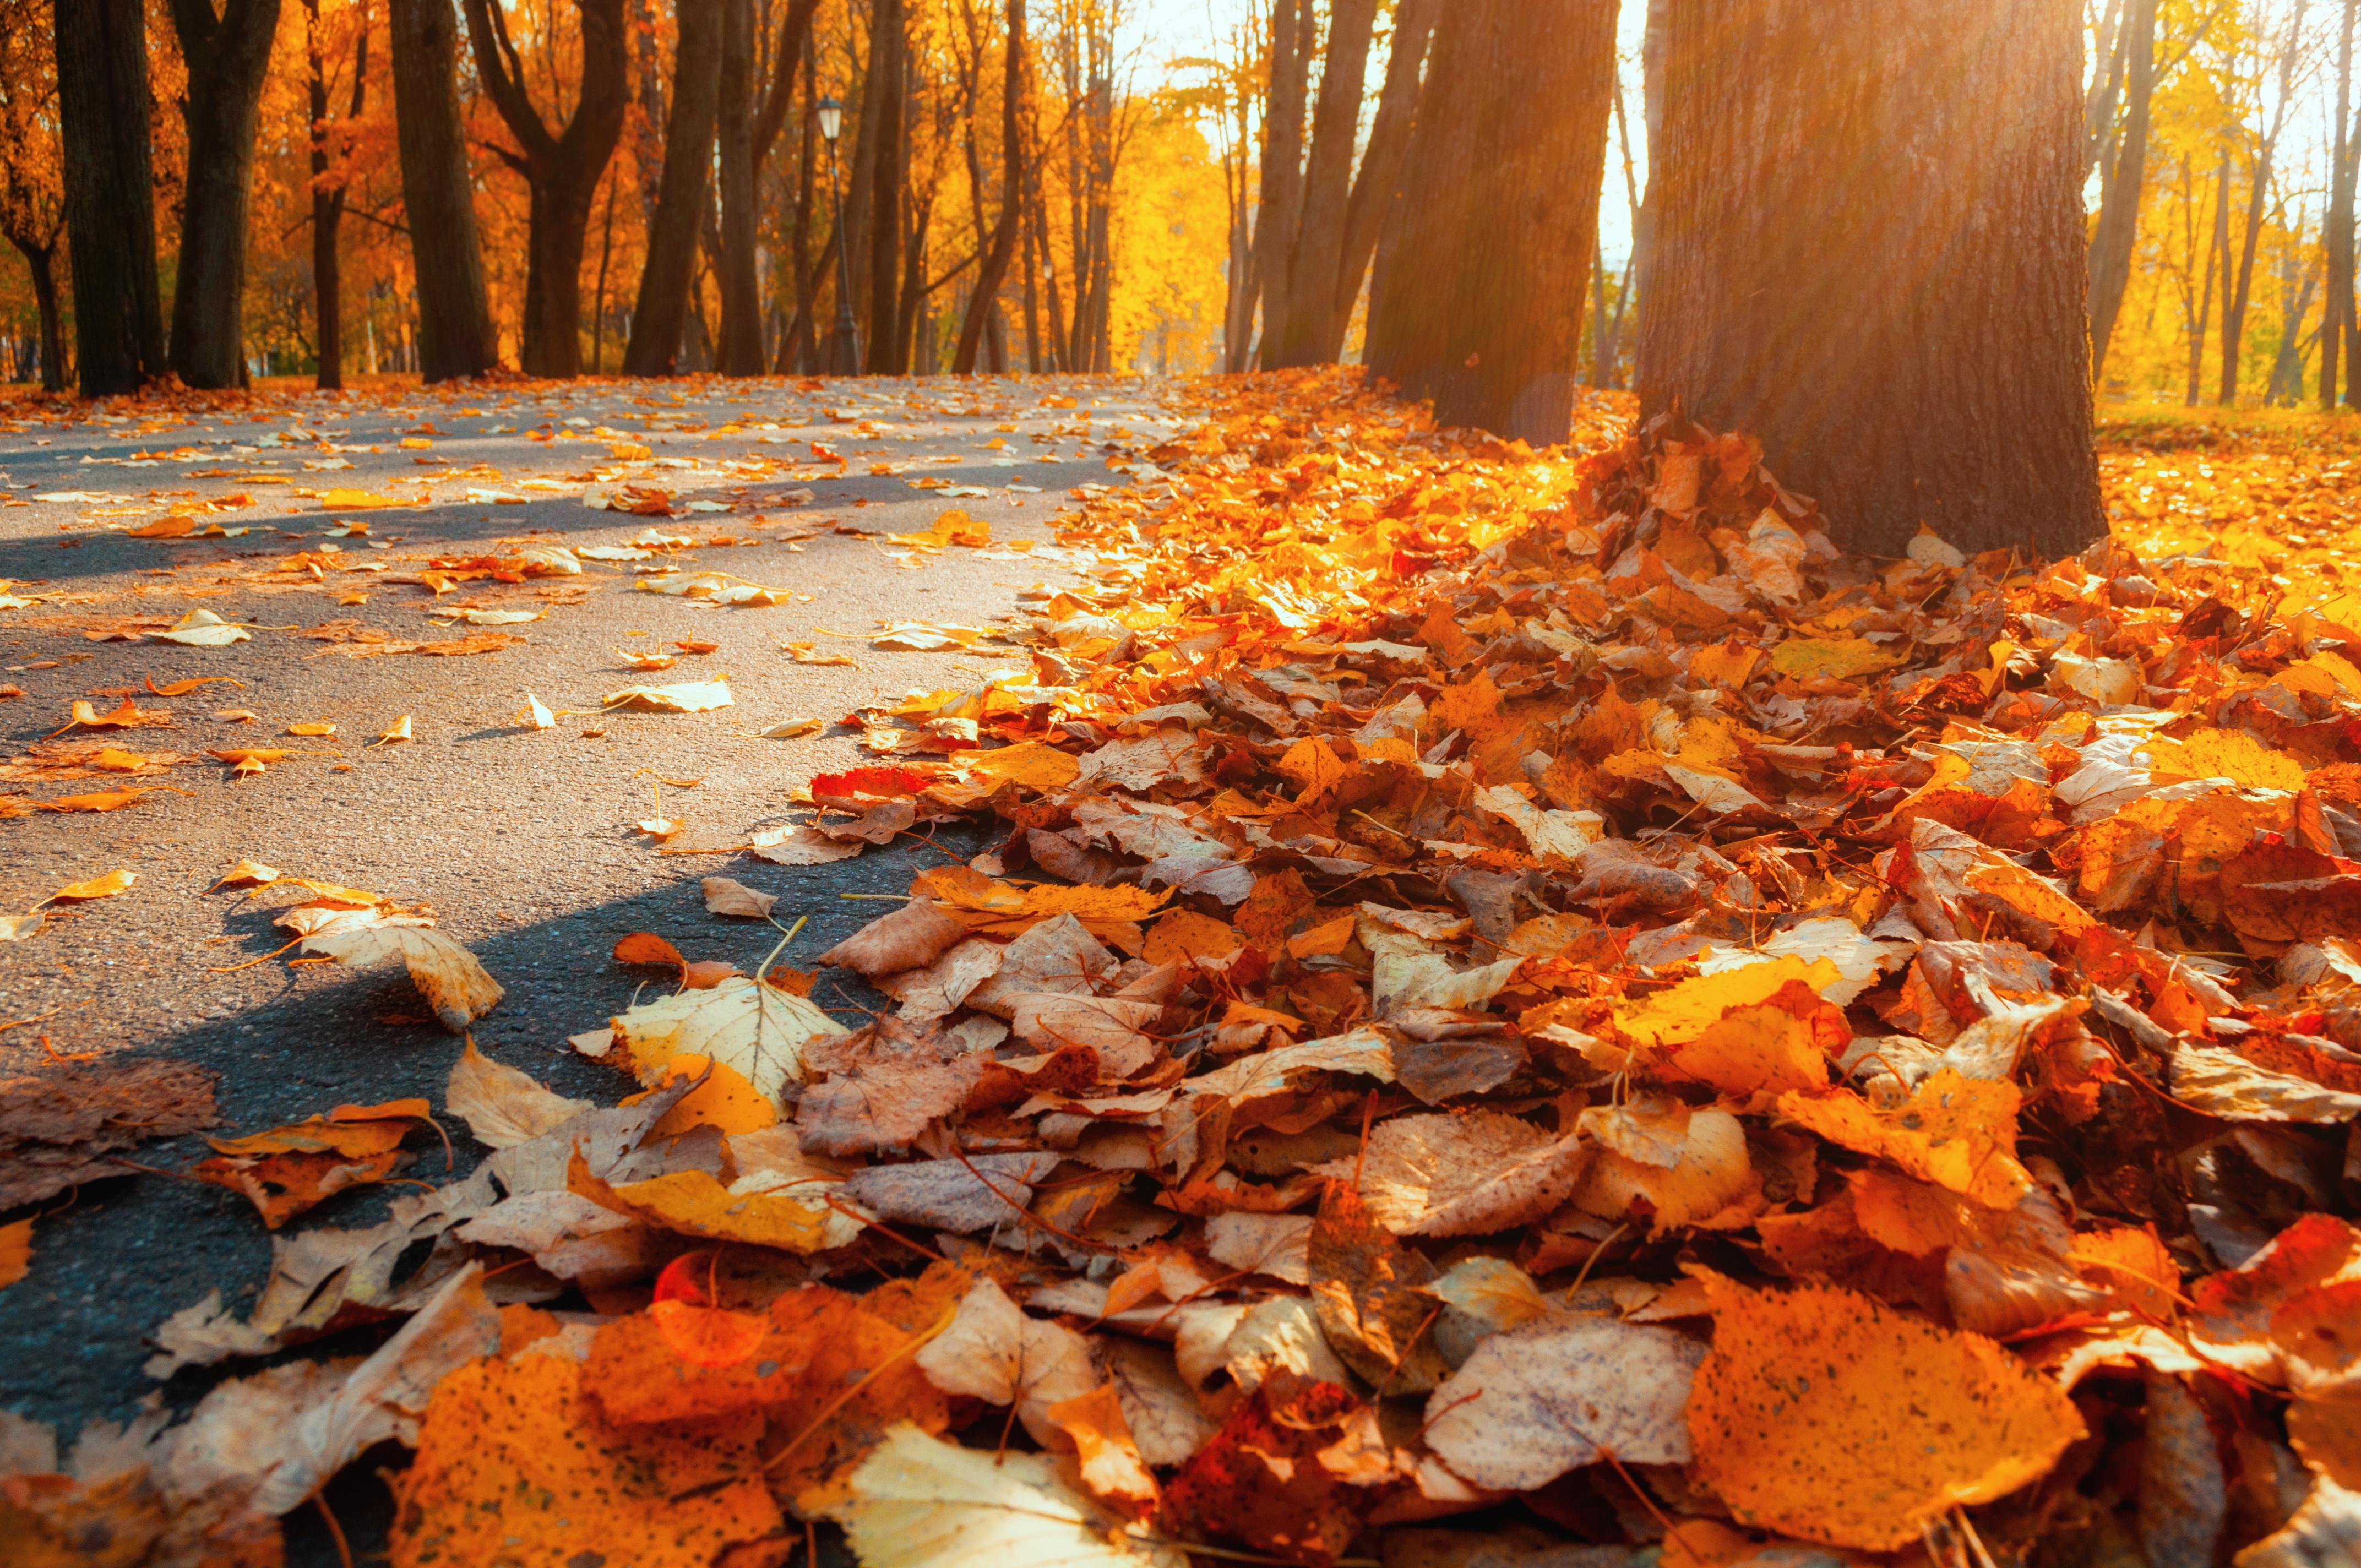 Vremea azi, 24 octombrie. Soare și atmosferă plăcută, în cea mai mare parte a țării